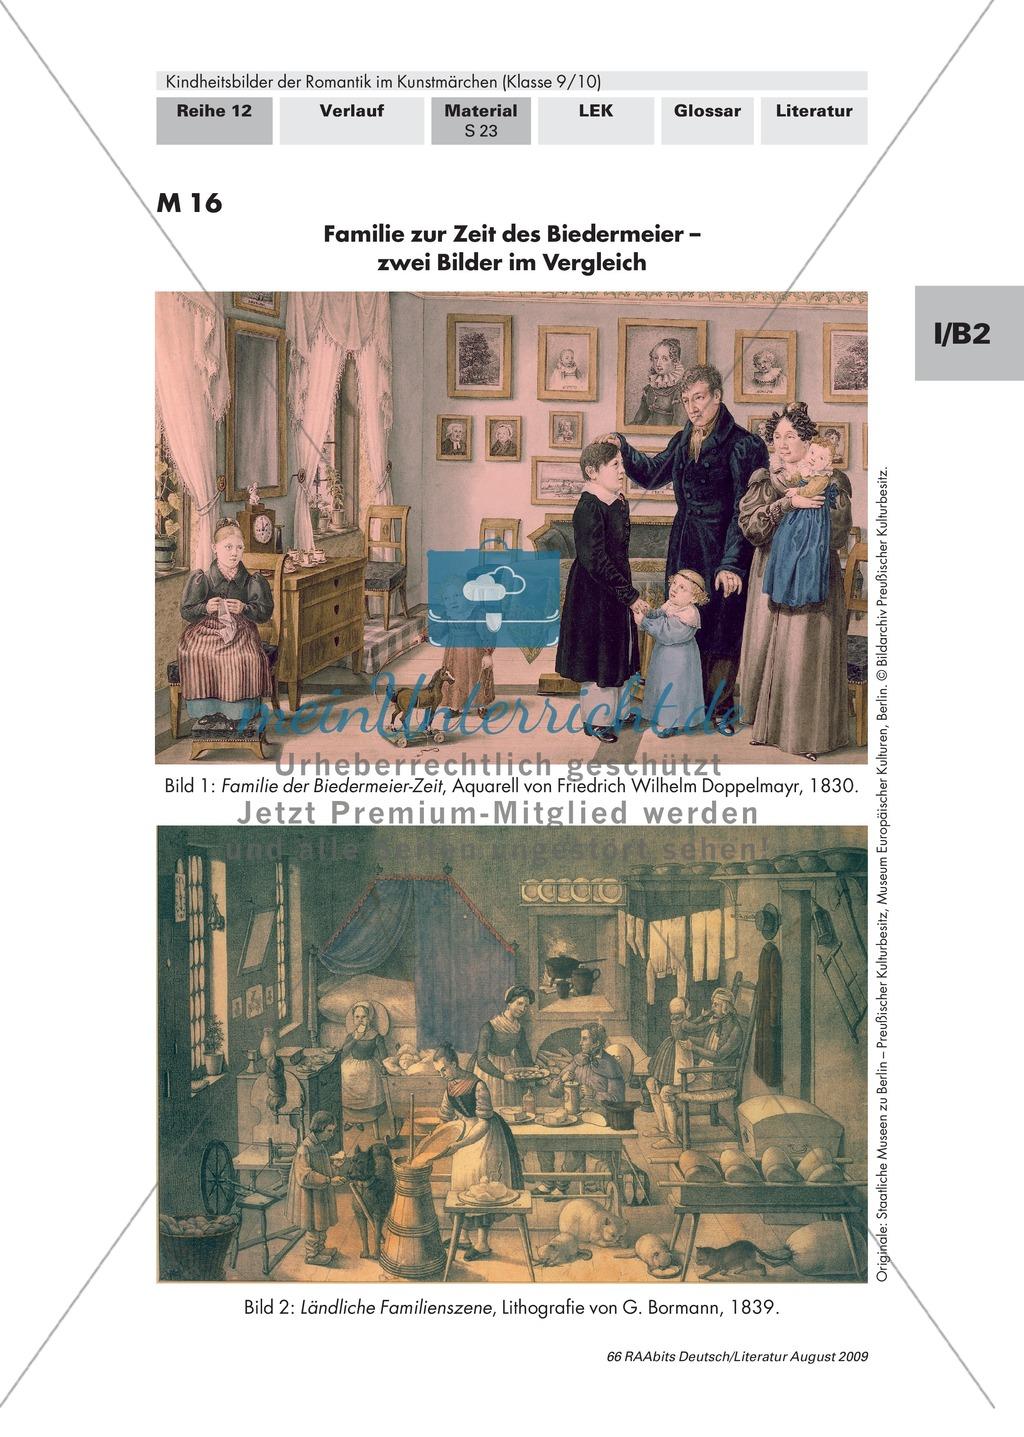 Kindheitsbilder der Romantik im Kunstmärchen: Familienbilder der Epochen Aufklärung, Romantik, Biedermeier im Kontrast Preview 4